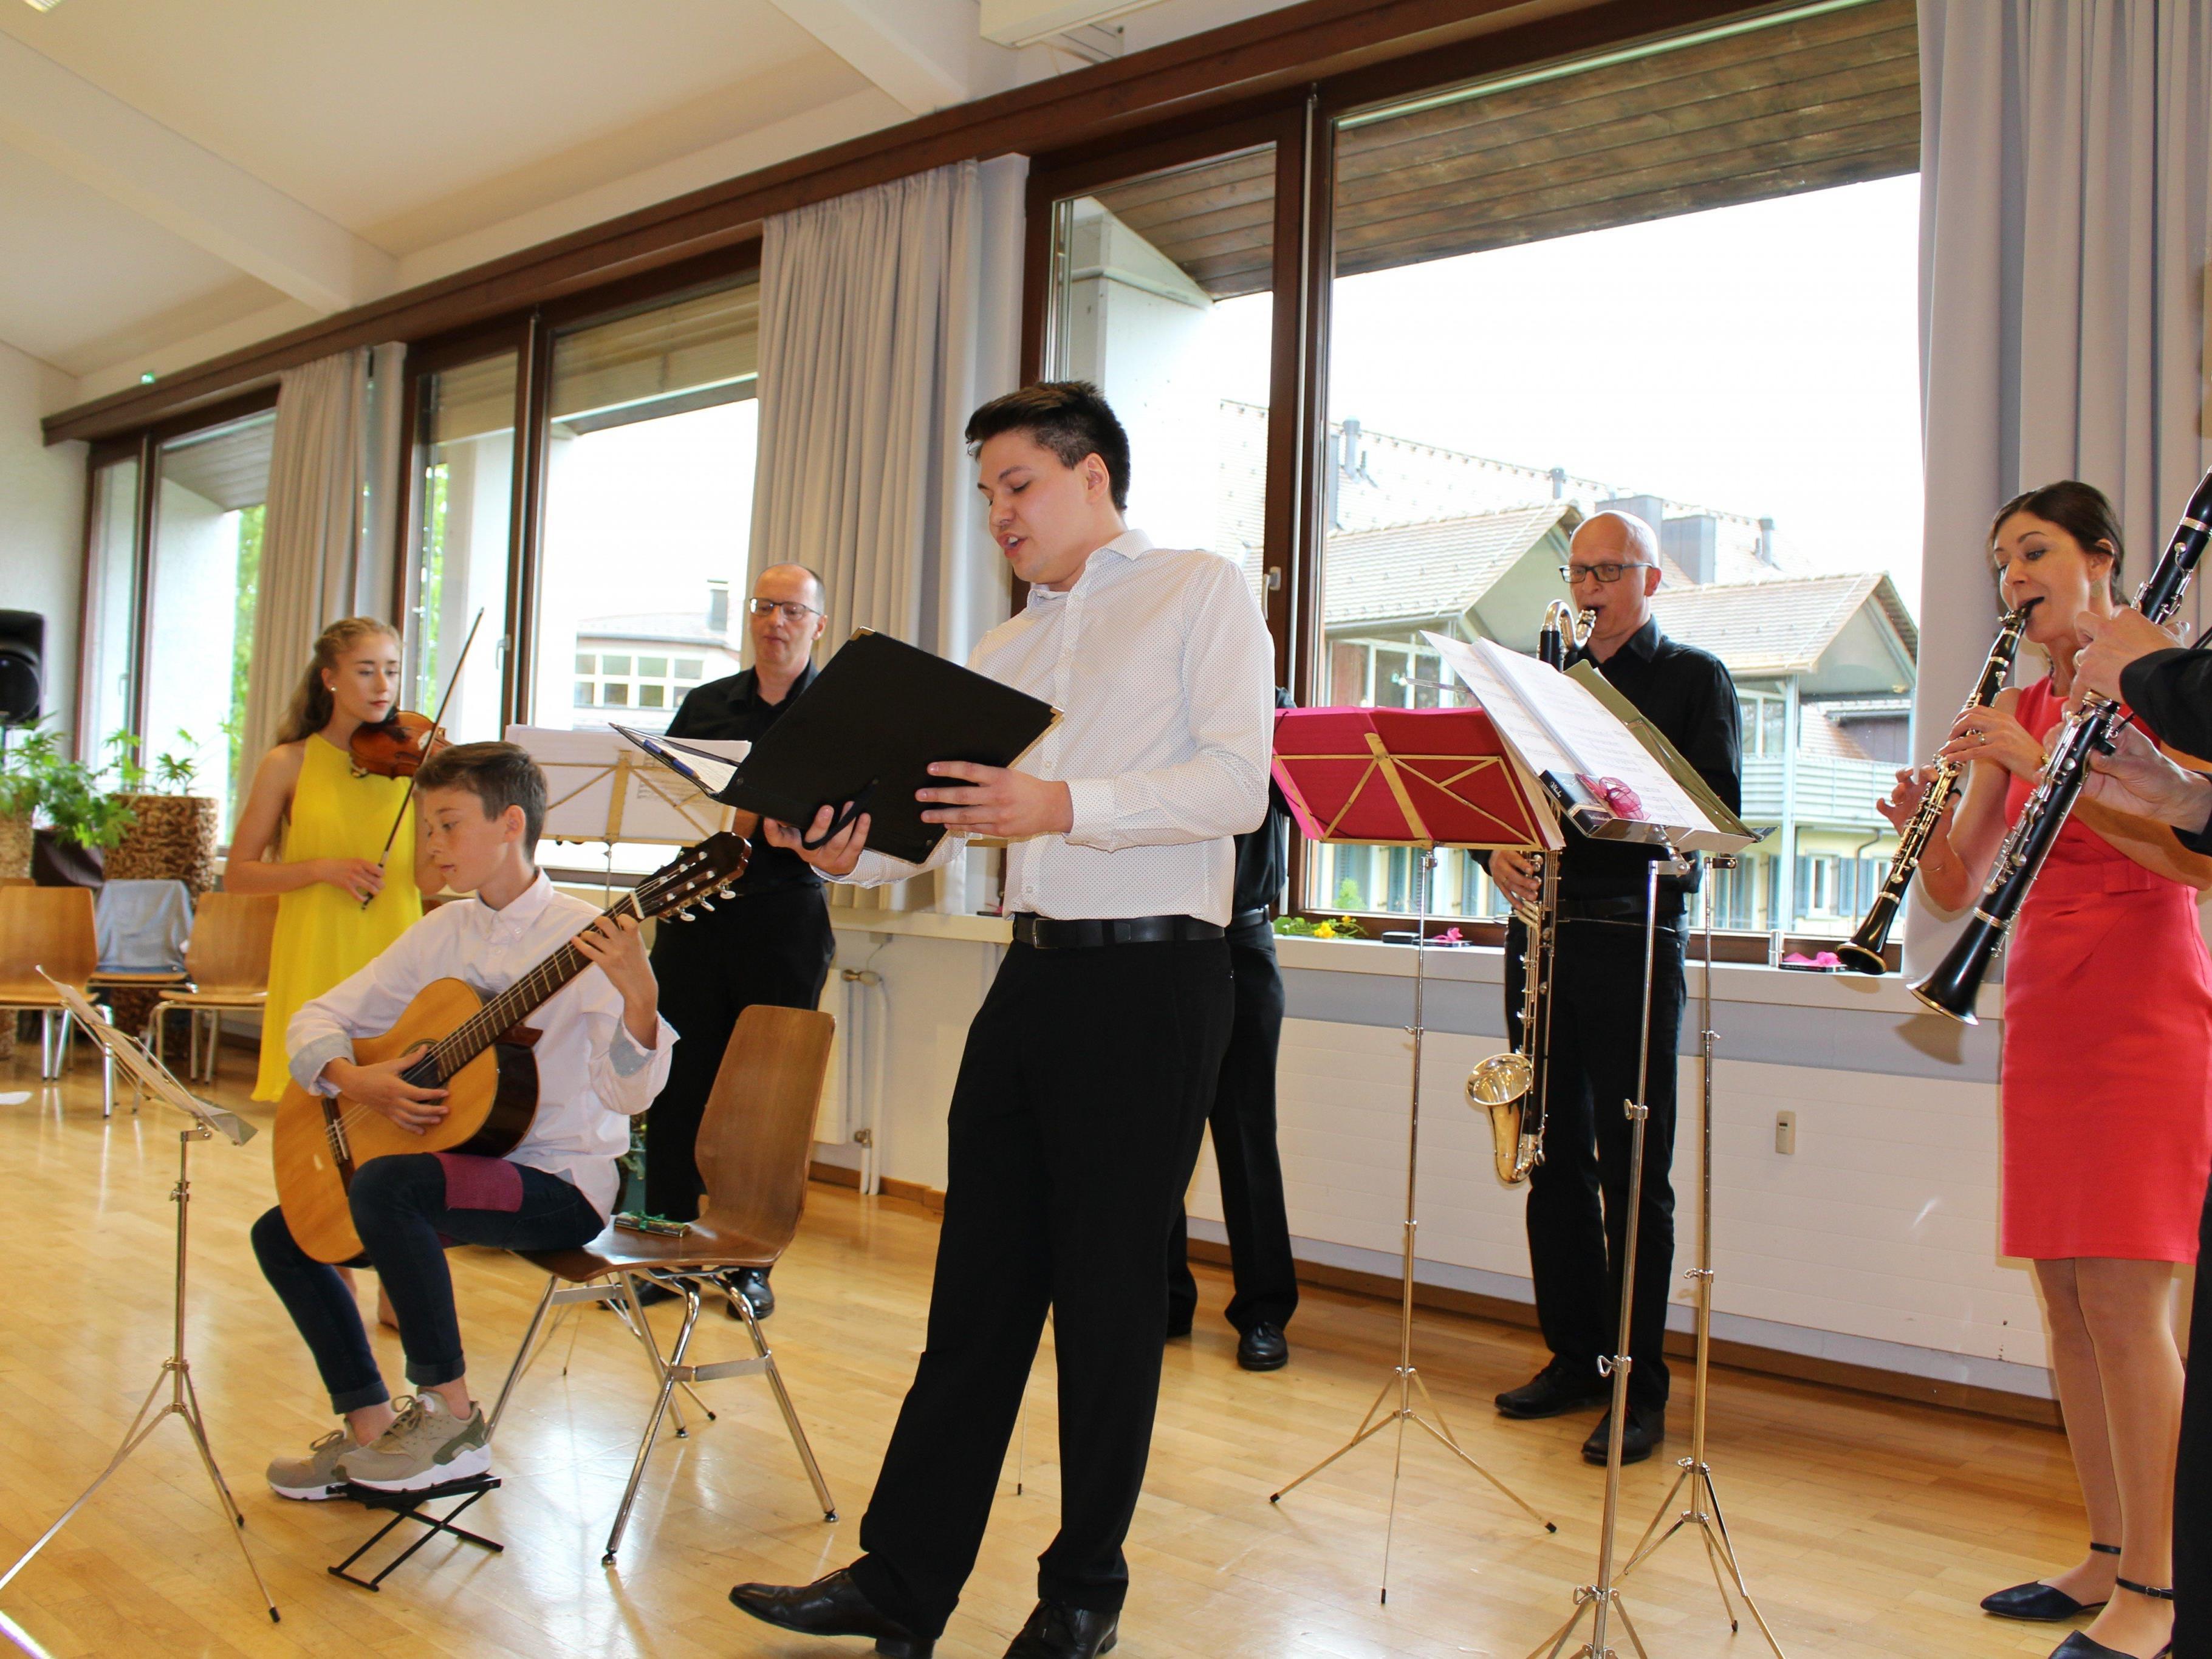 Johannes Schmid, das Scorzonera Quartett und die Familie Berthold begeisterten das Publikum.